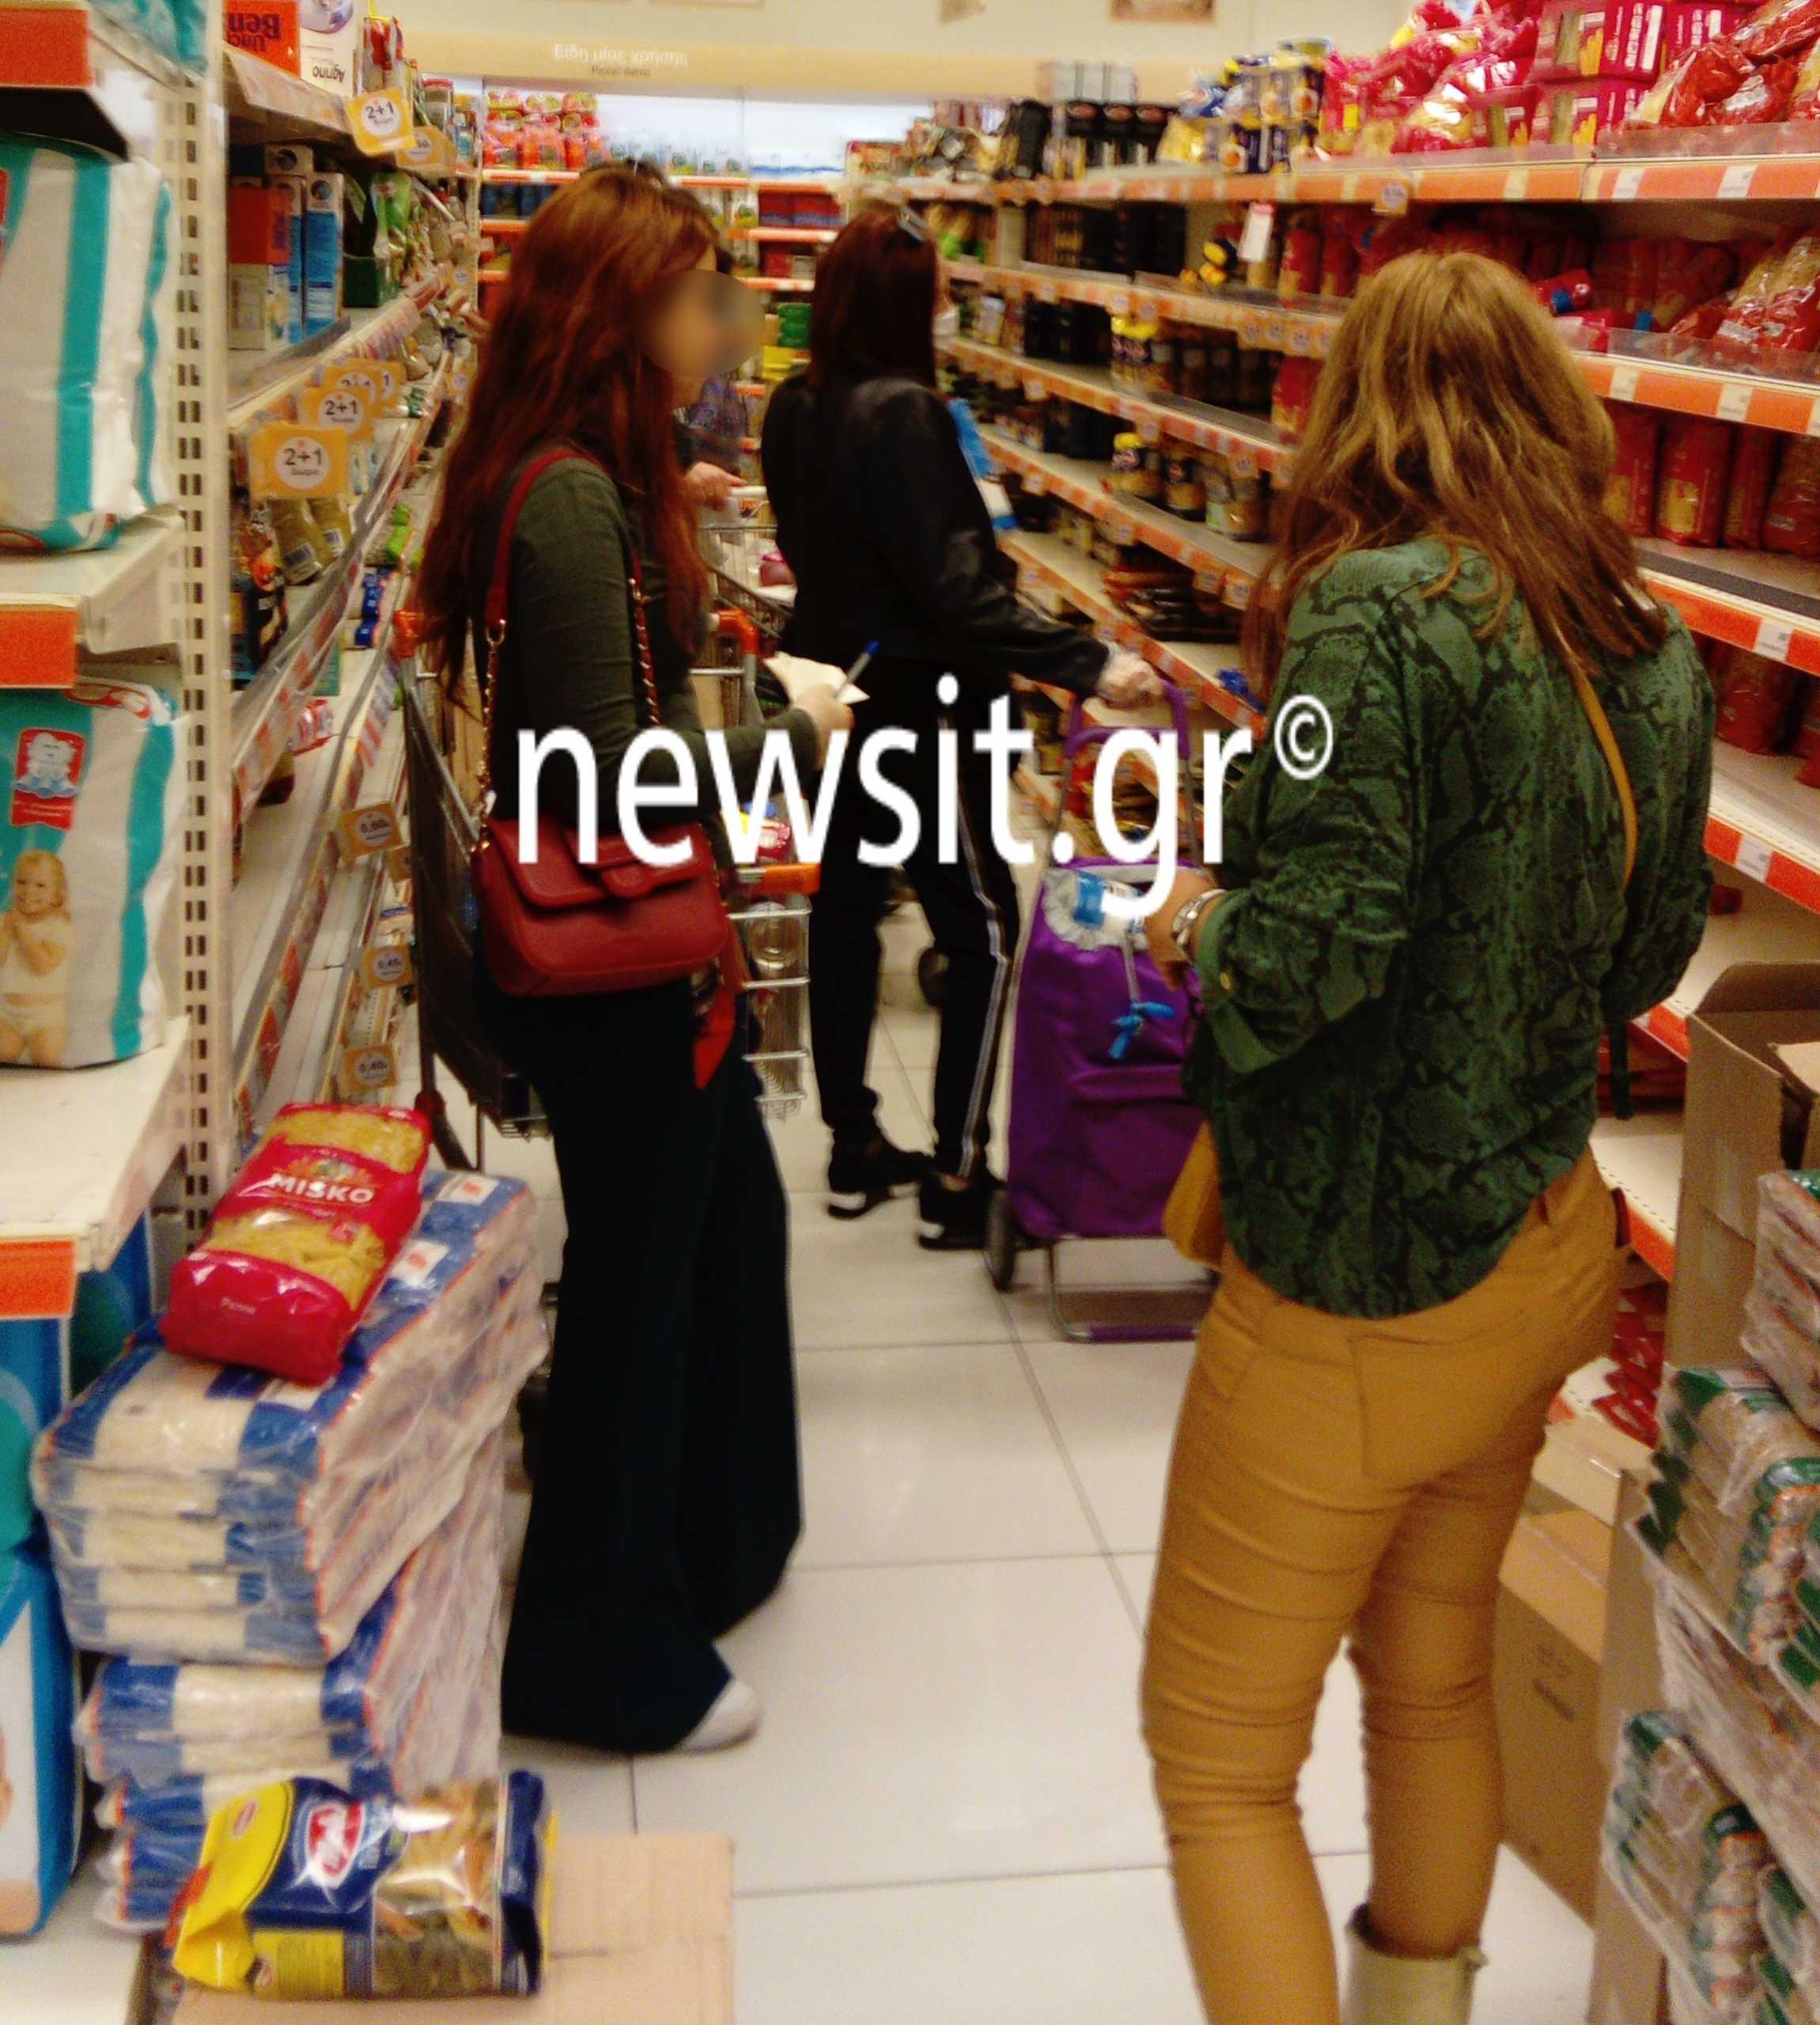 Ο απόλυτος παραλογισμός! Αδειάζουν τα ράφια οι Έλληνες -Ο ένας πάνω στον άλλον στα σούπερ μάρκετ και τα μέτρα για τον κορονοϊό... πάνε περίπατο (εικόνες)